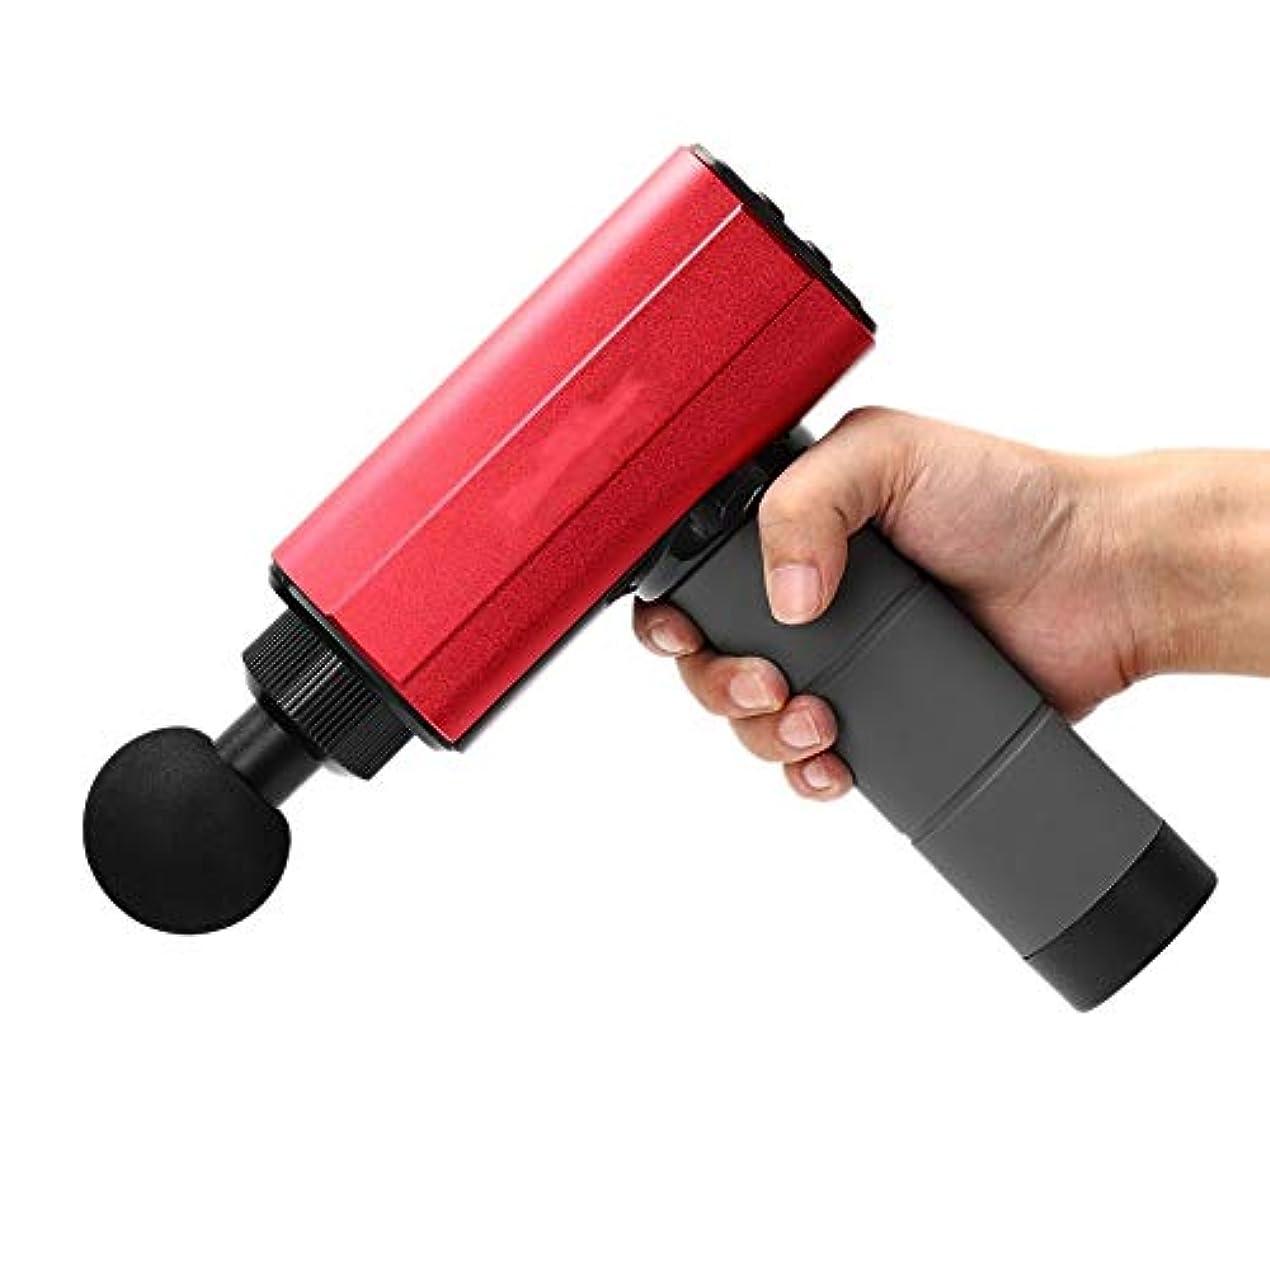 手持ち型の深いティッシュ筋肉マッサージャー銃の再充電可能なマッサージ装置、体の痛みのための専門のコードレスパーカッション(US Plug)